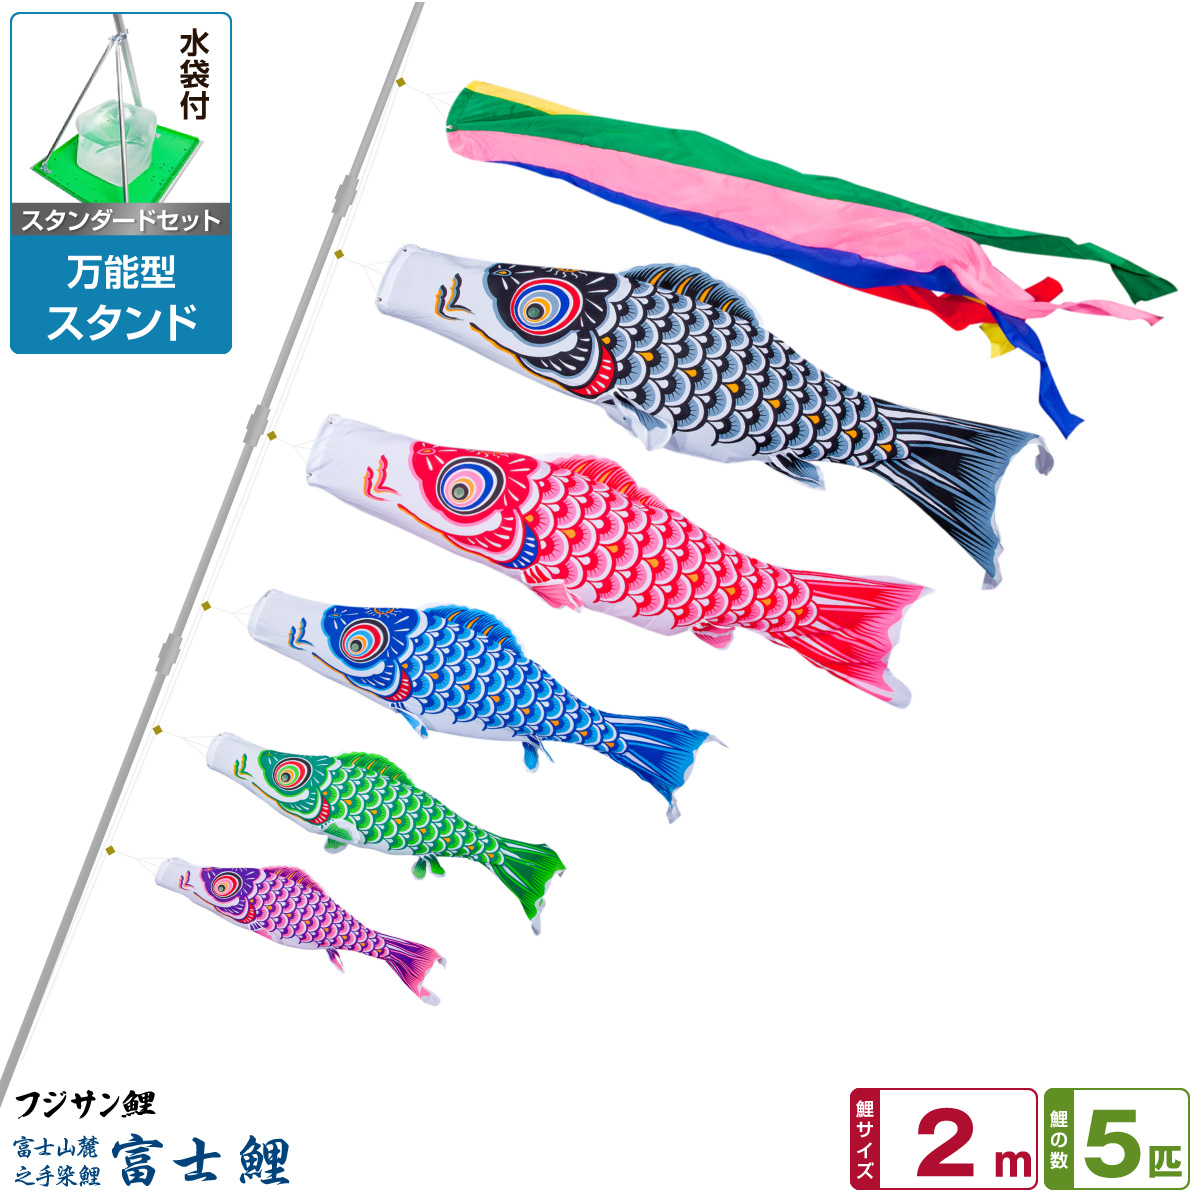 ベランダ用 こいのぼり 鯉のぼり フジサン鯉 富士鯉 2m 8点(吹流し+鯉5匹+矢車+ロープ)/スタンダードセット(万能スタンド)